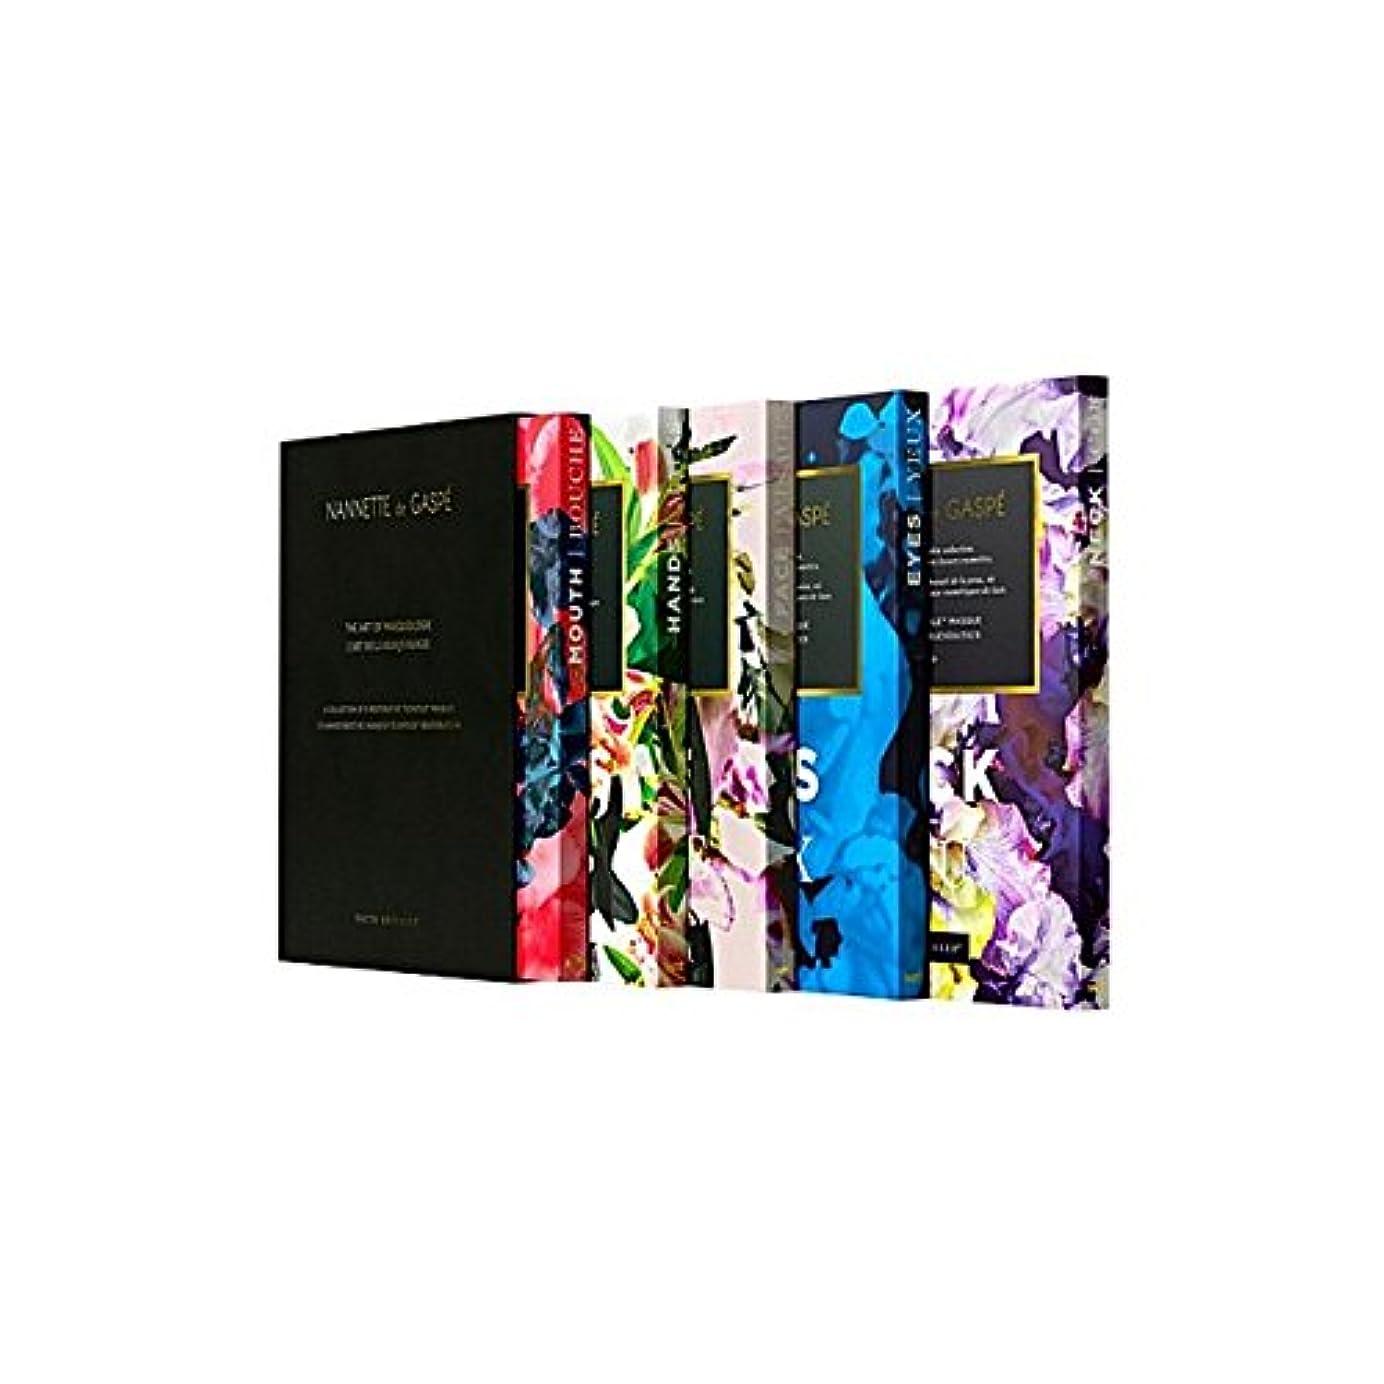 便利さ満員スポンジデガスペ修復仮面劇コフレ x2 - Nannette De Gaspe Restorative Techstile Masque Coffret (Pack of 2) [並行輸入品]